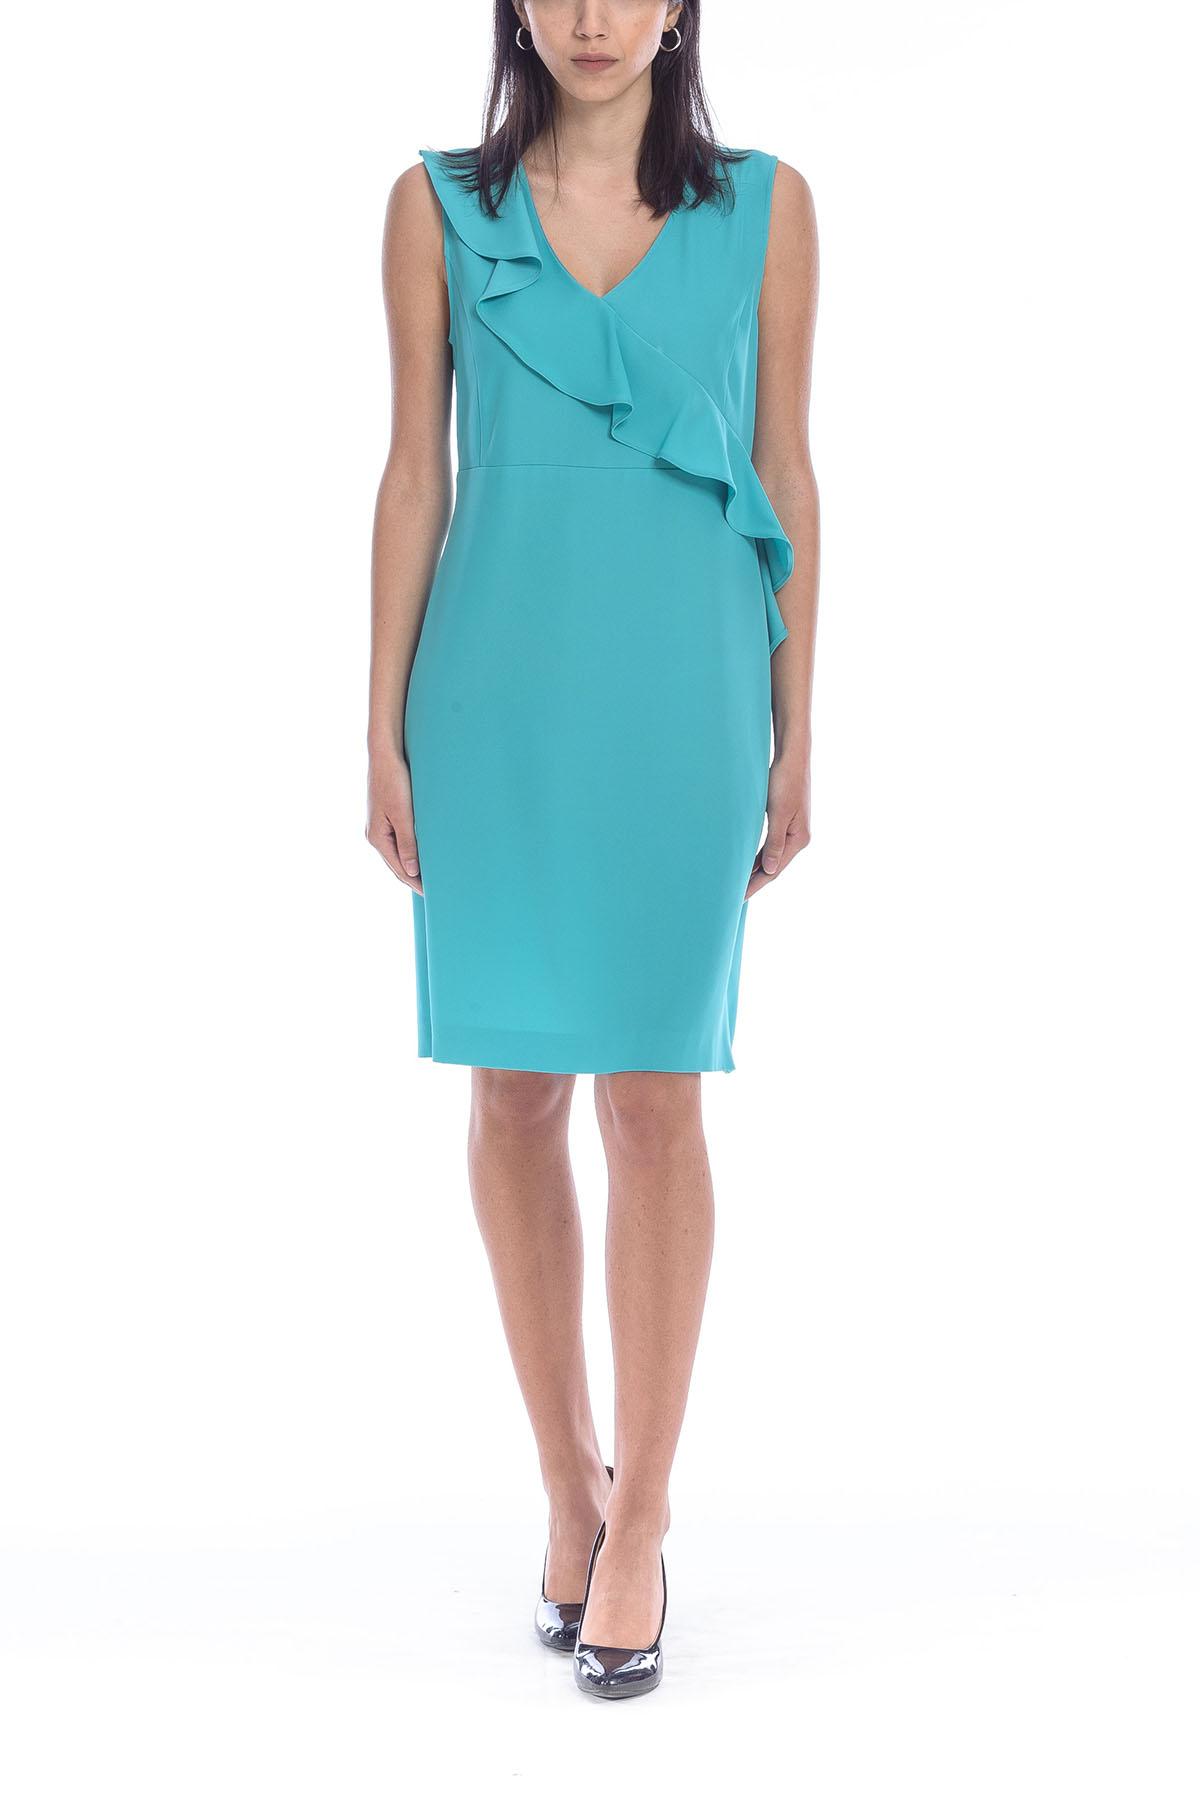 low priced 183f0 11896 - Marella Emme - Fashion Scoppettuolo